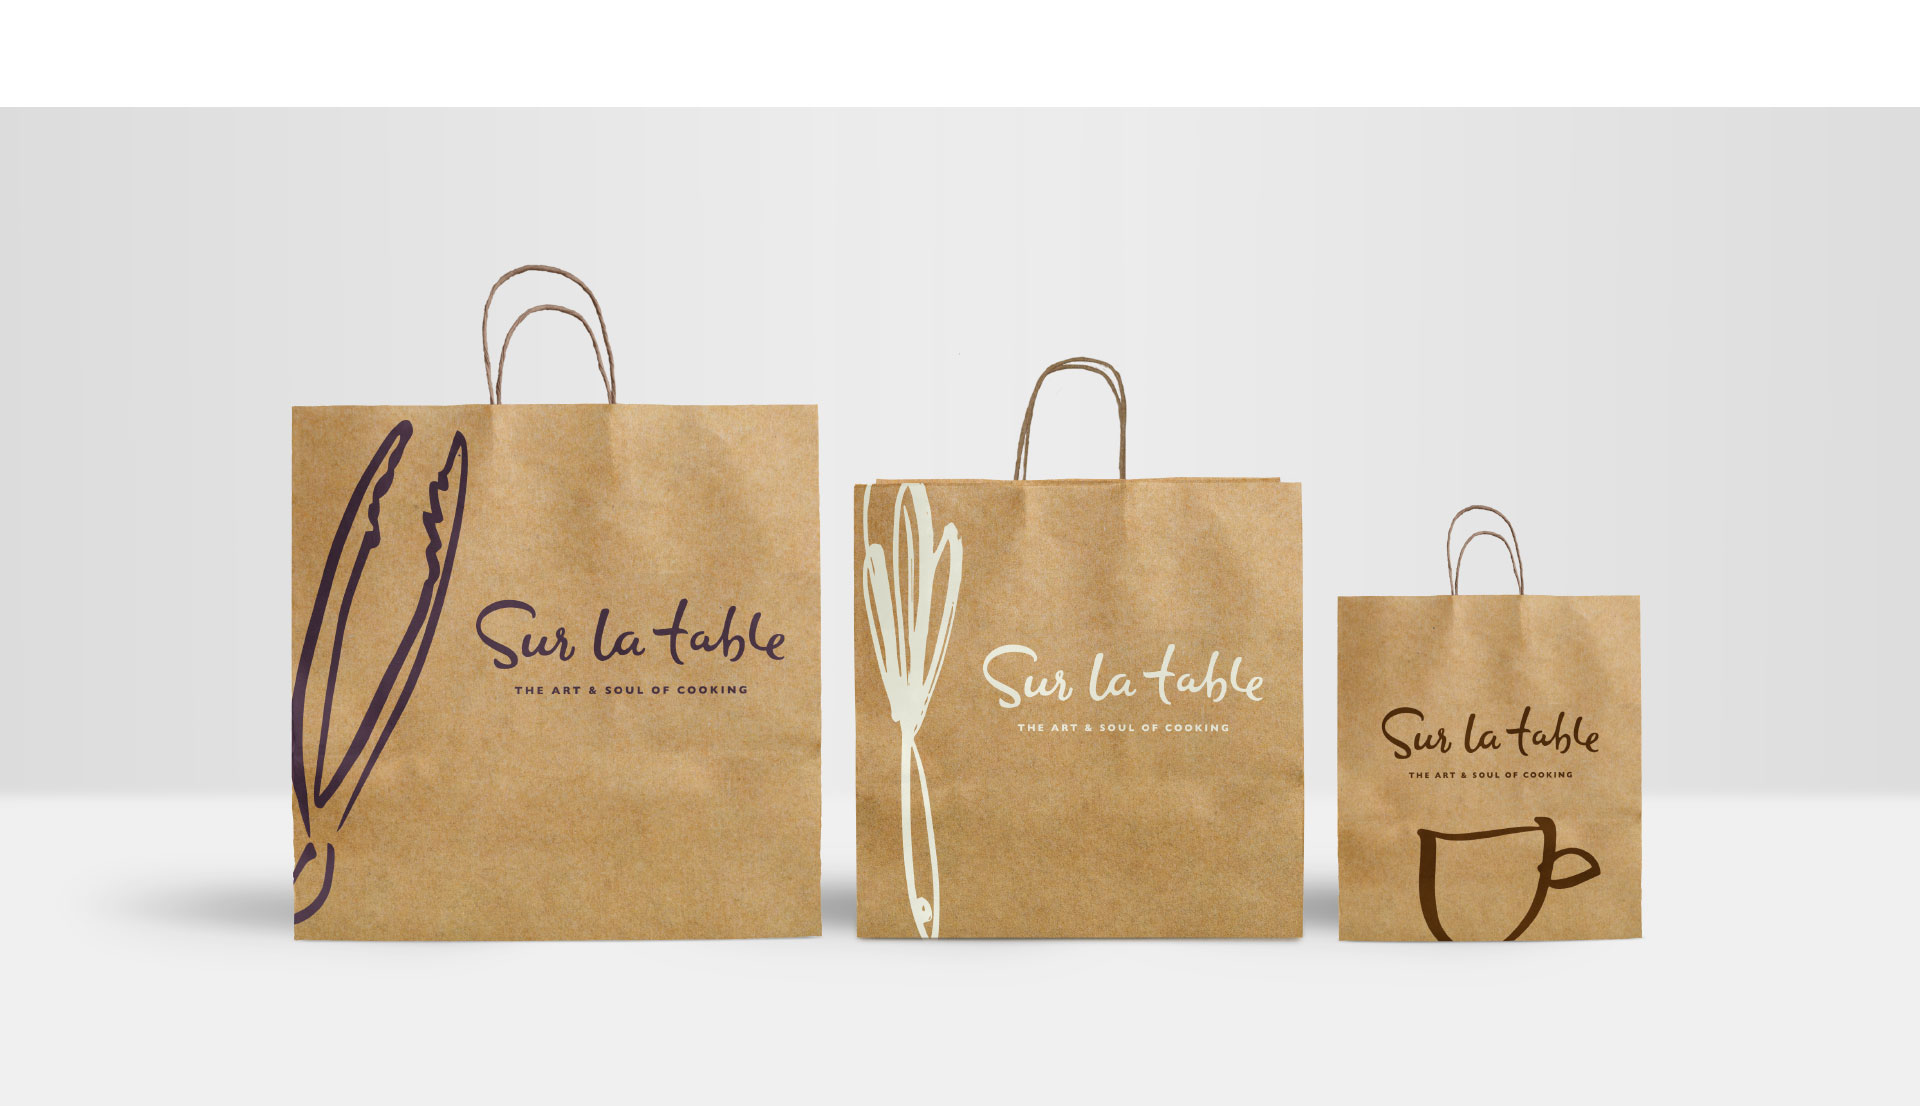 Creative_Retail_Packaging_Branding_Design_Sur_La_Table_16.jpg